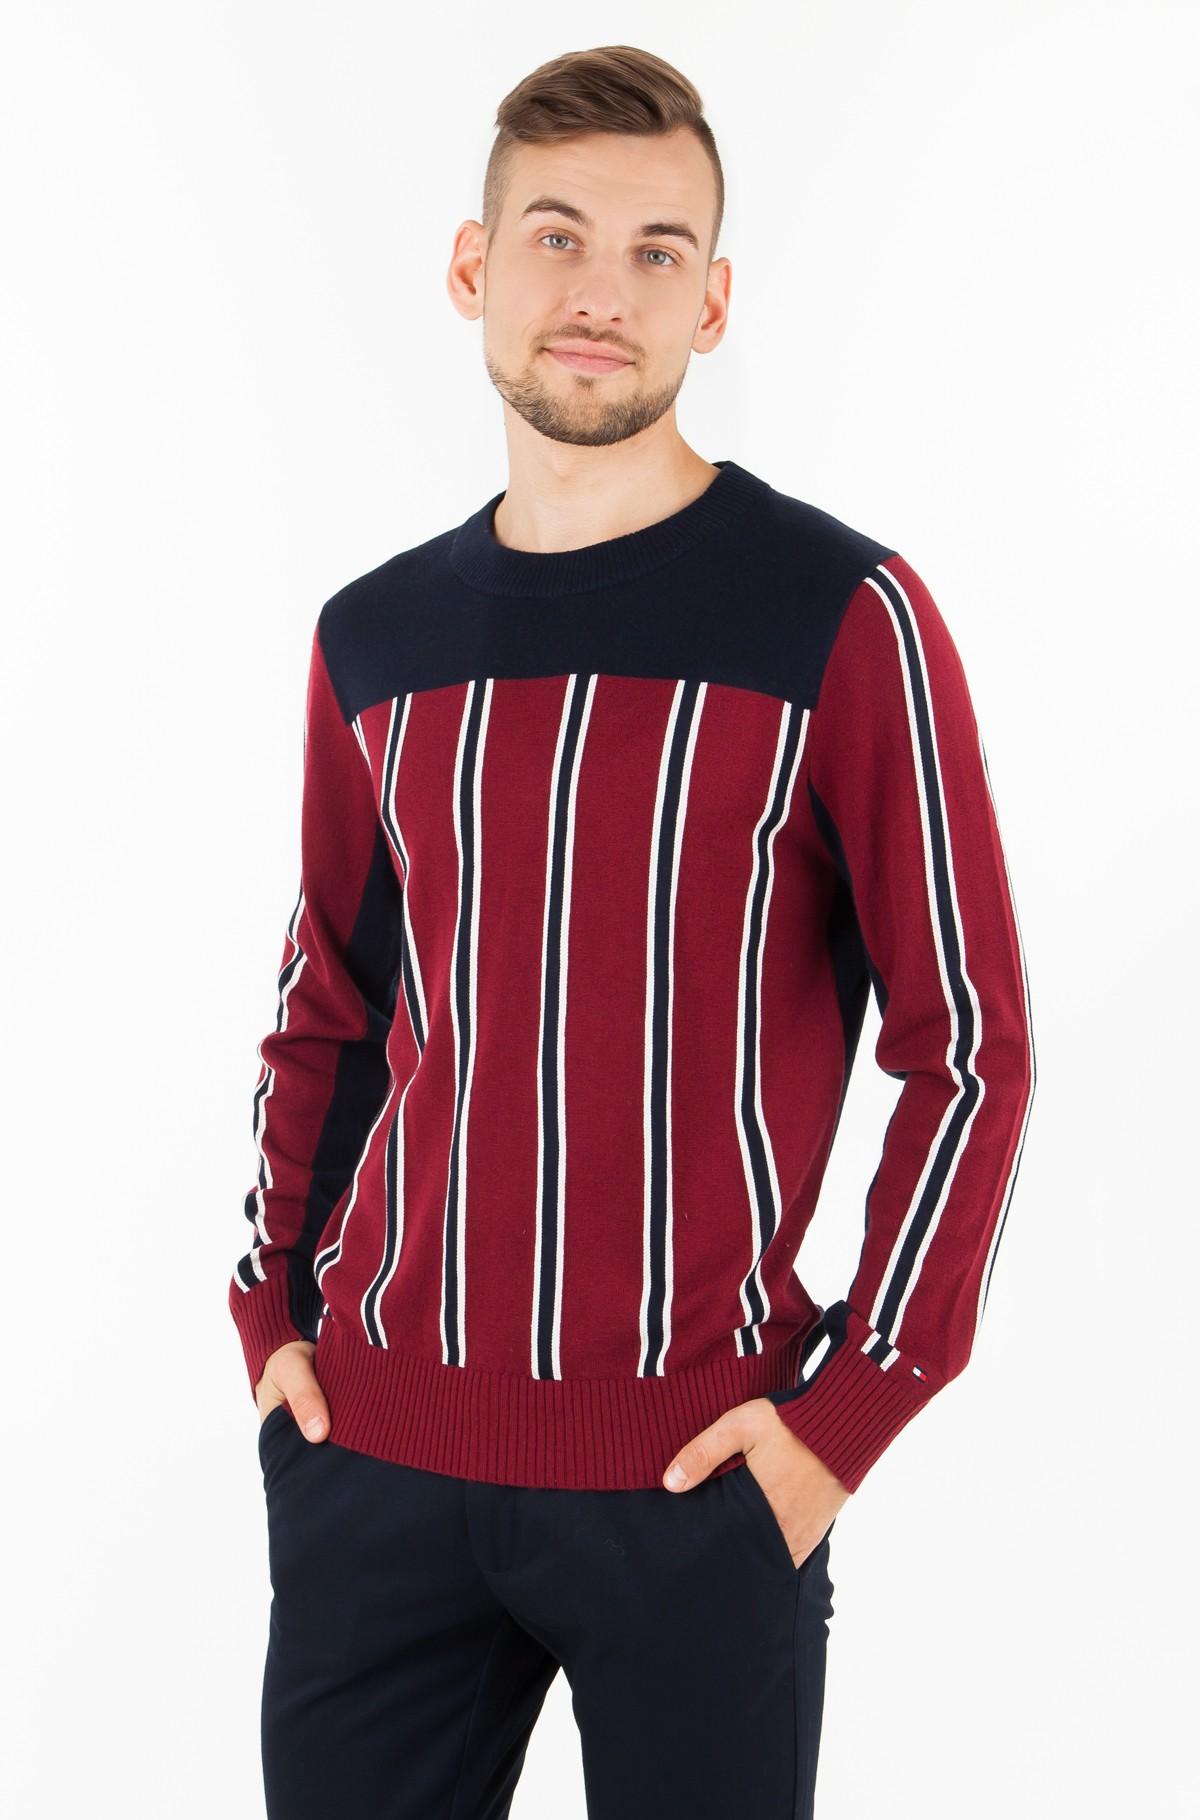 Sweater REGIMENTAL BLOCK STRIPED CNECK-full-1